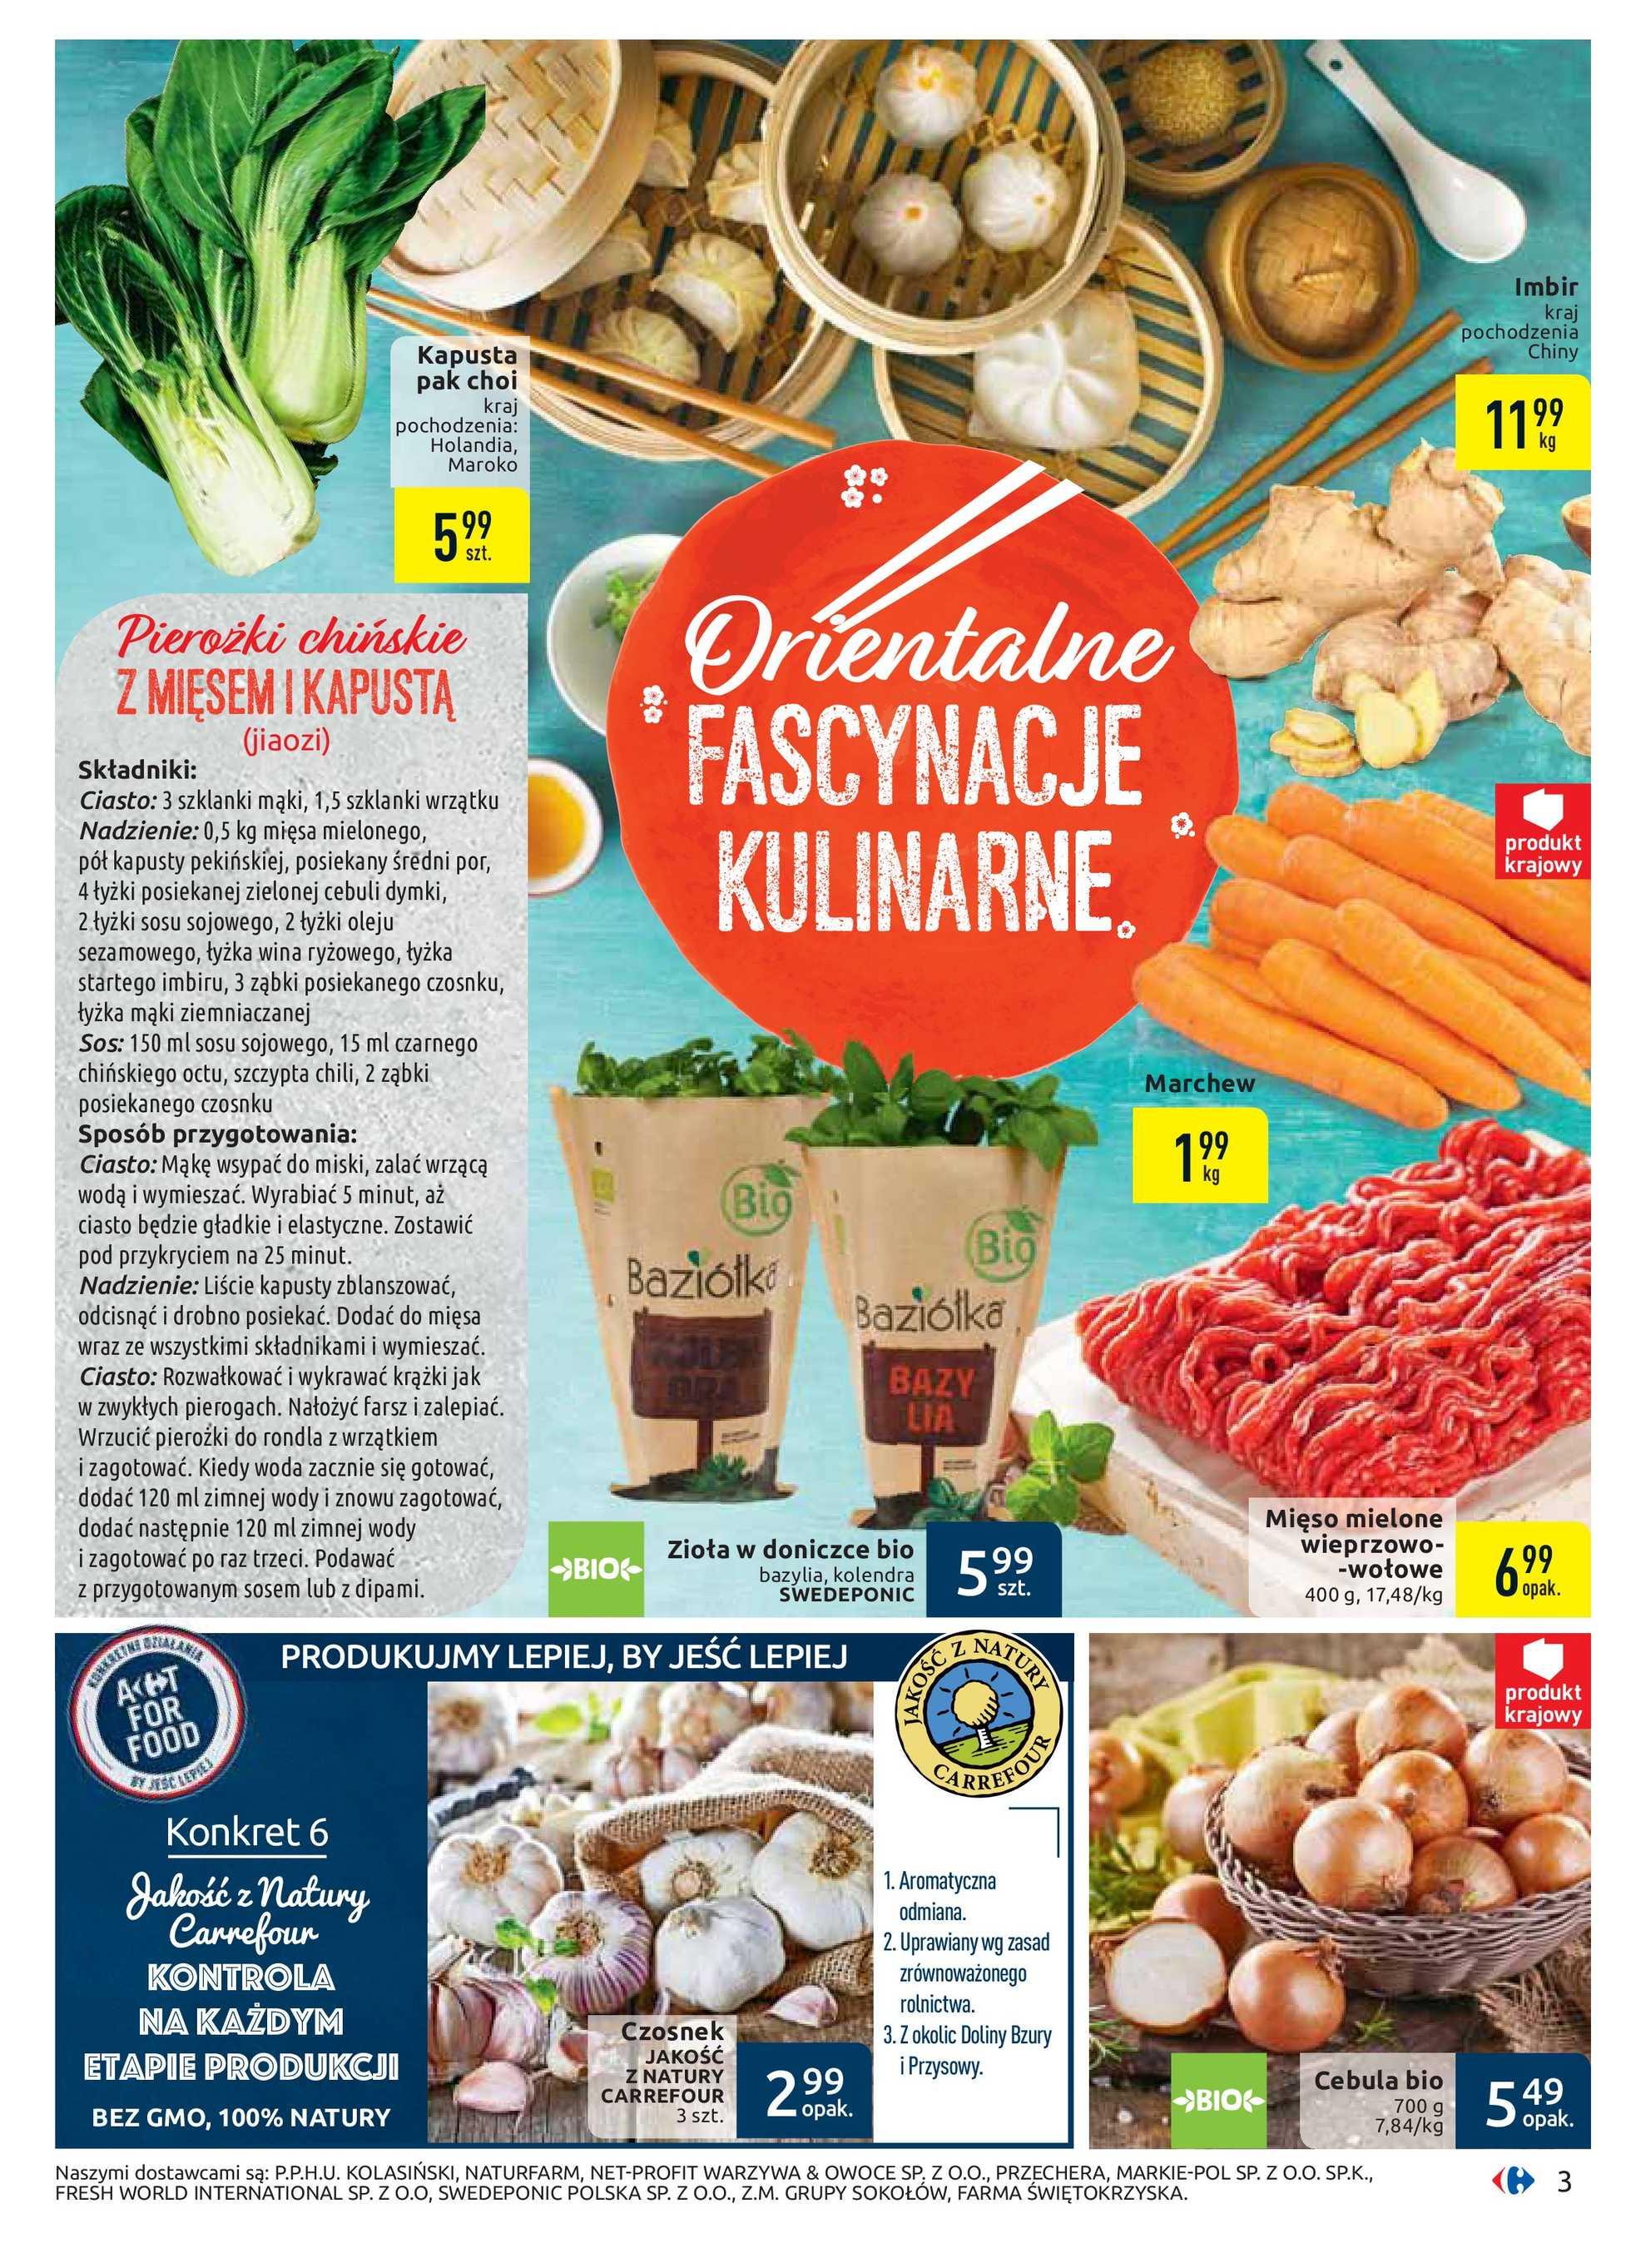 Carrefour - gazetka promocyjna ważna od 21.01.2020 do 01.02.2020 - strona 3.